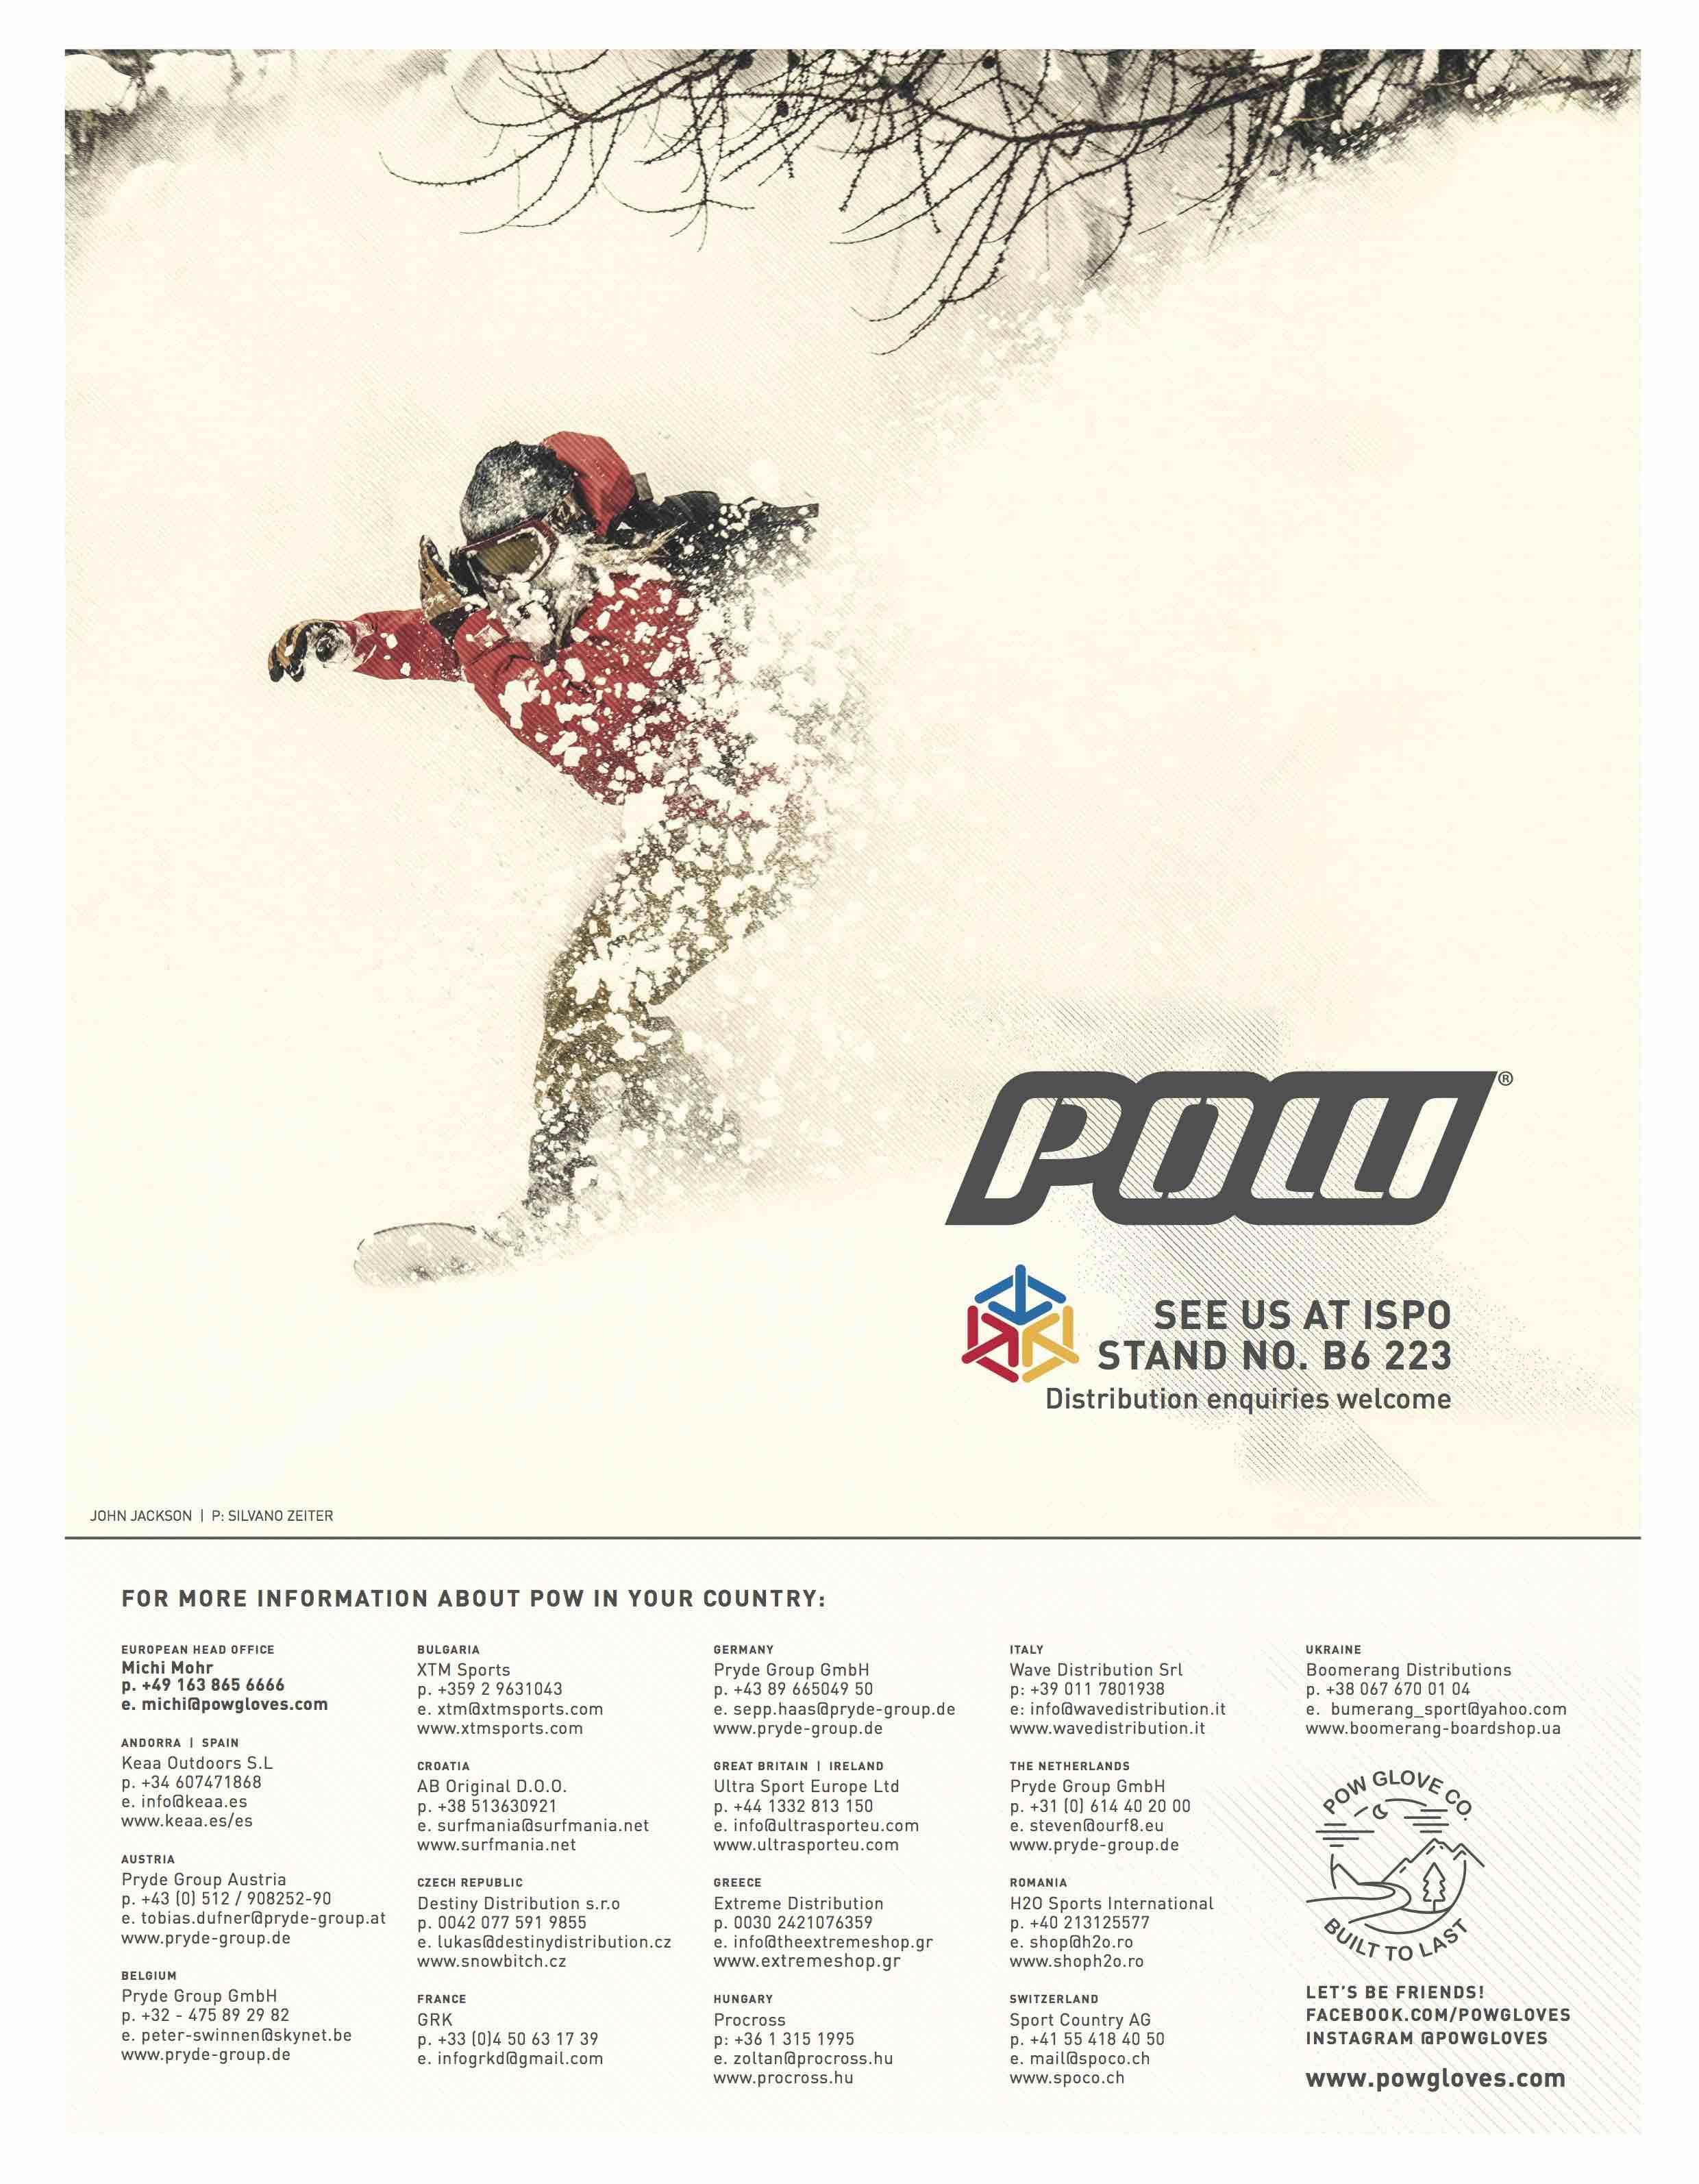 85 Pow SNOW